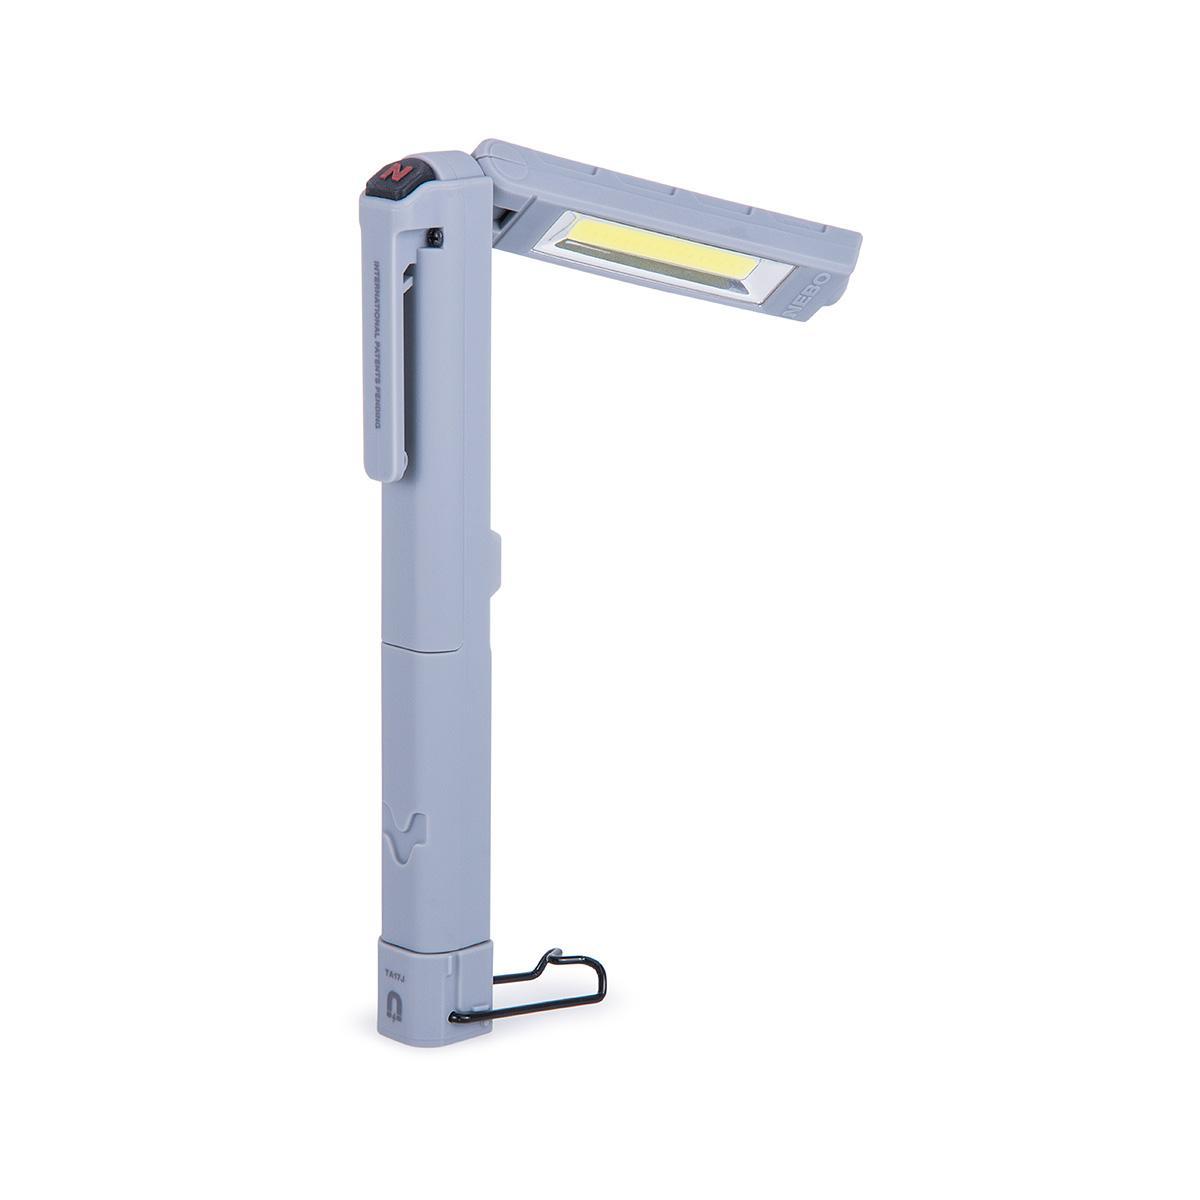 đèn pin chiếu sáng chính hãng Nebo màu xám